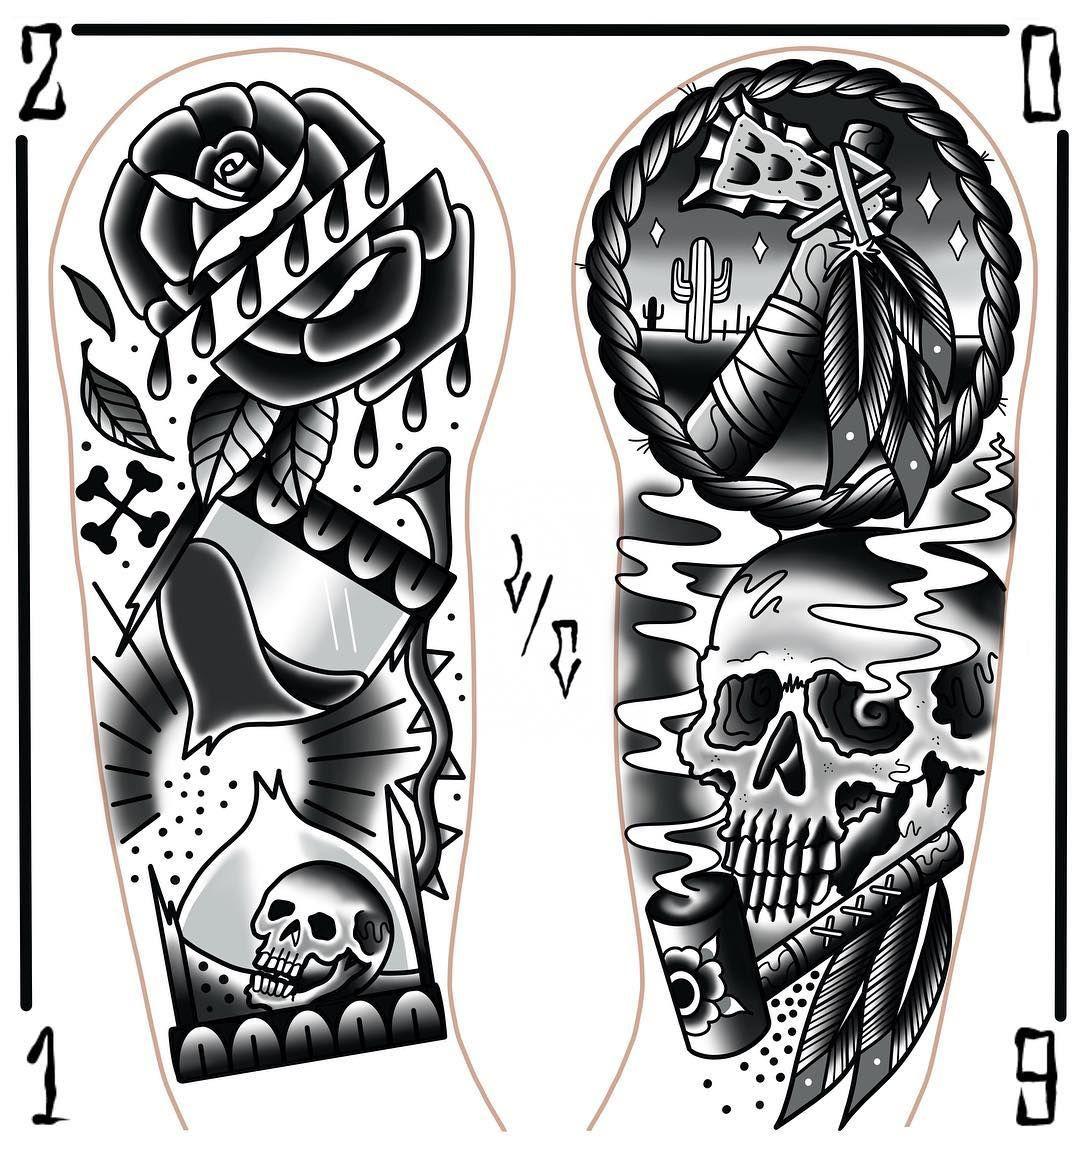 Half Sleeve Tattoo Designs Half Sleeve Tattoo Half Sleeve Tattoos Designs Upper Half Sleeve Tattoos